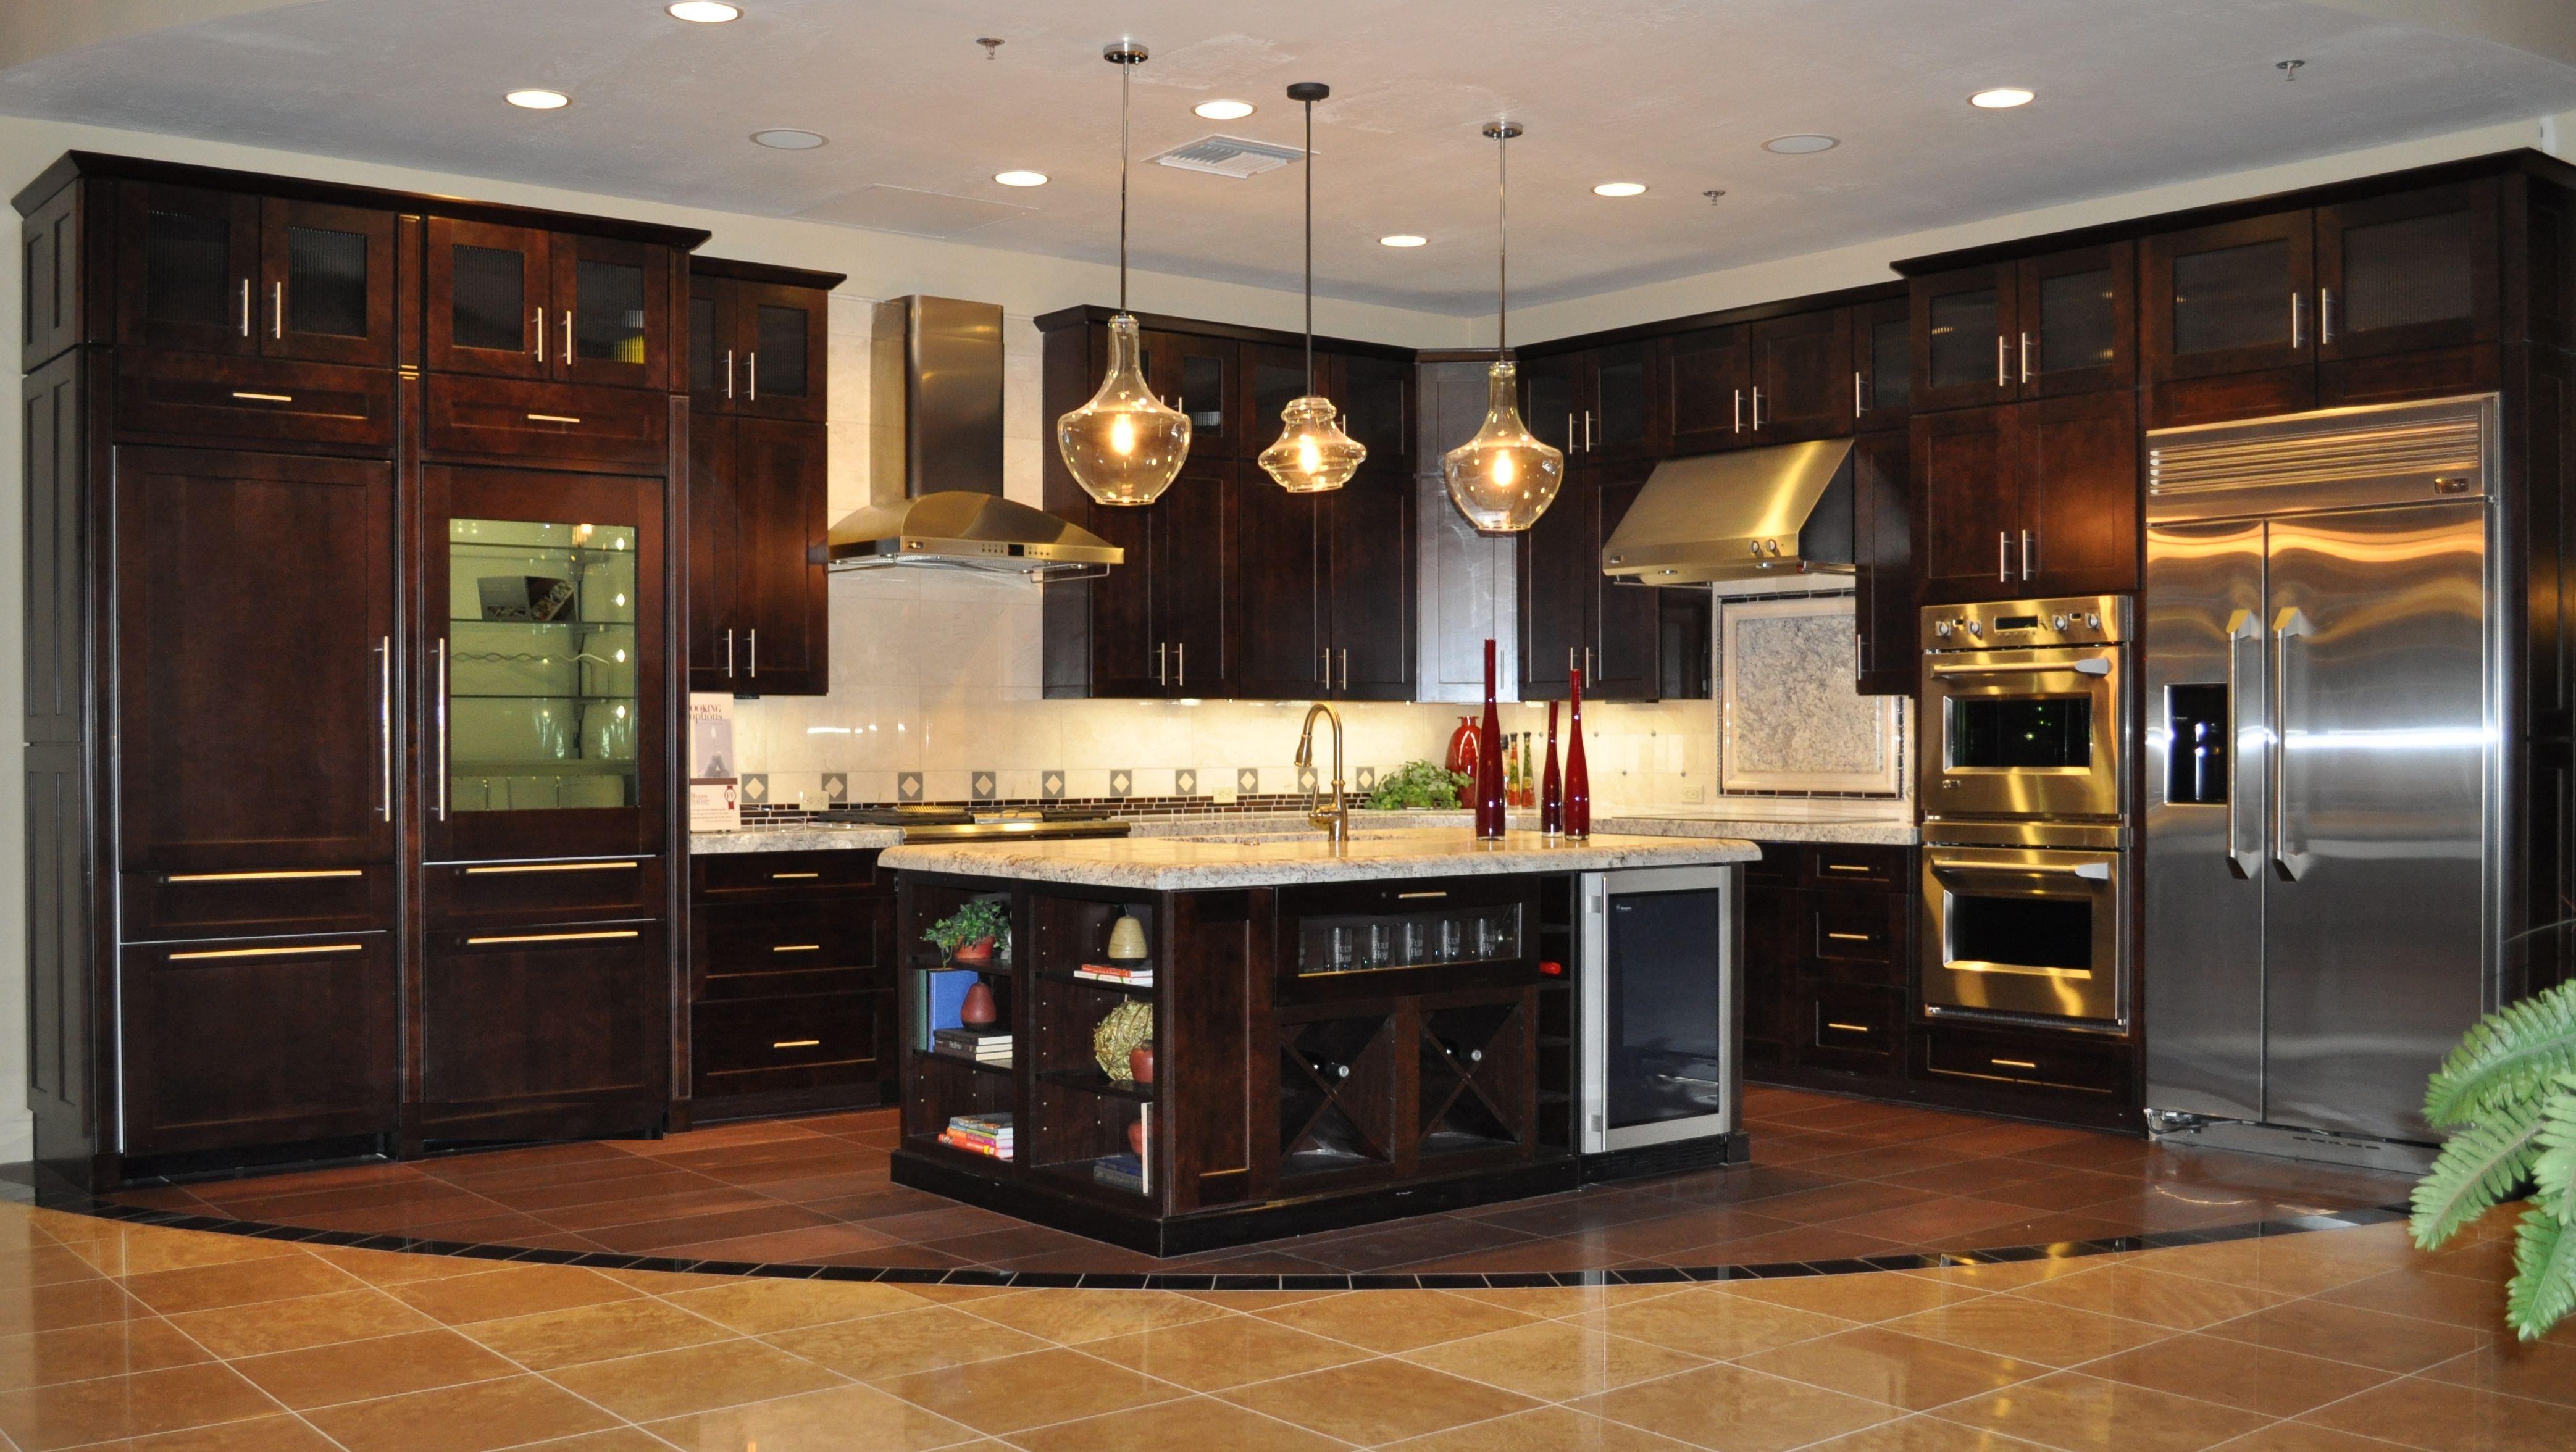 Küchenschränke design chic und trendy küche design zentren küche die küche ist regelmäßig